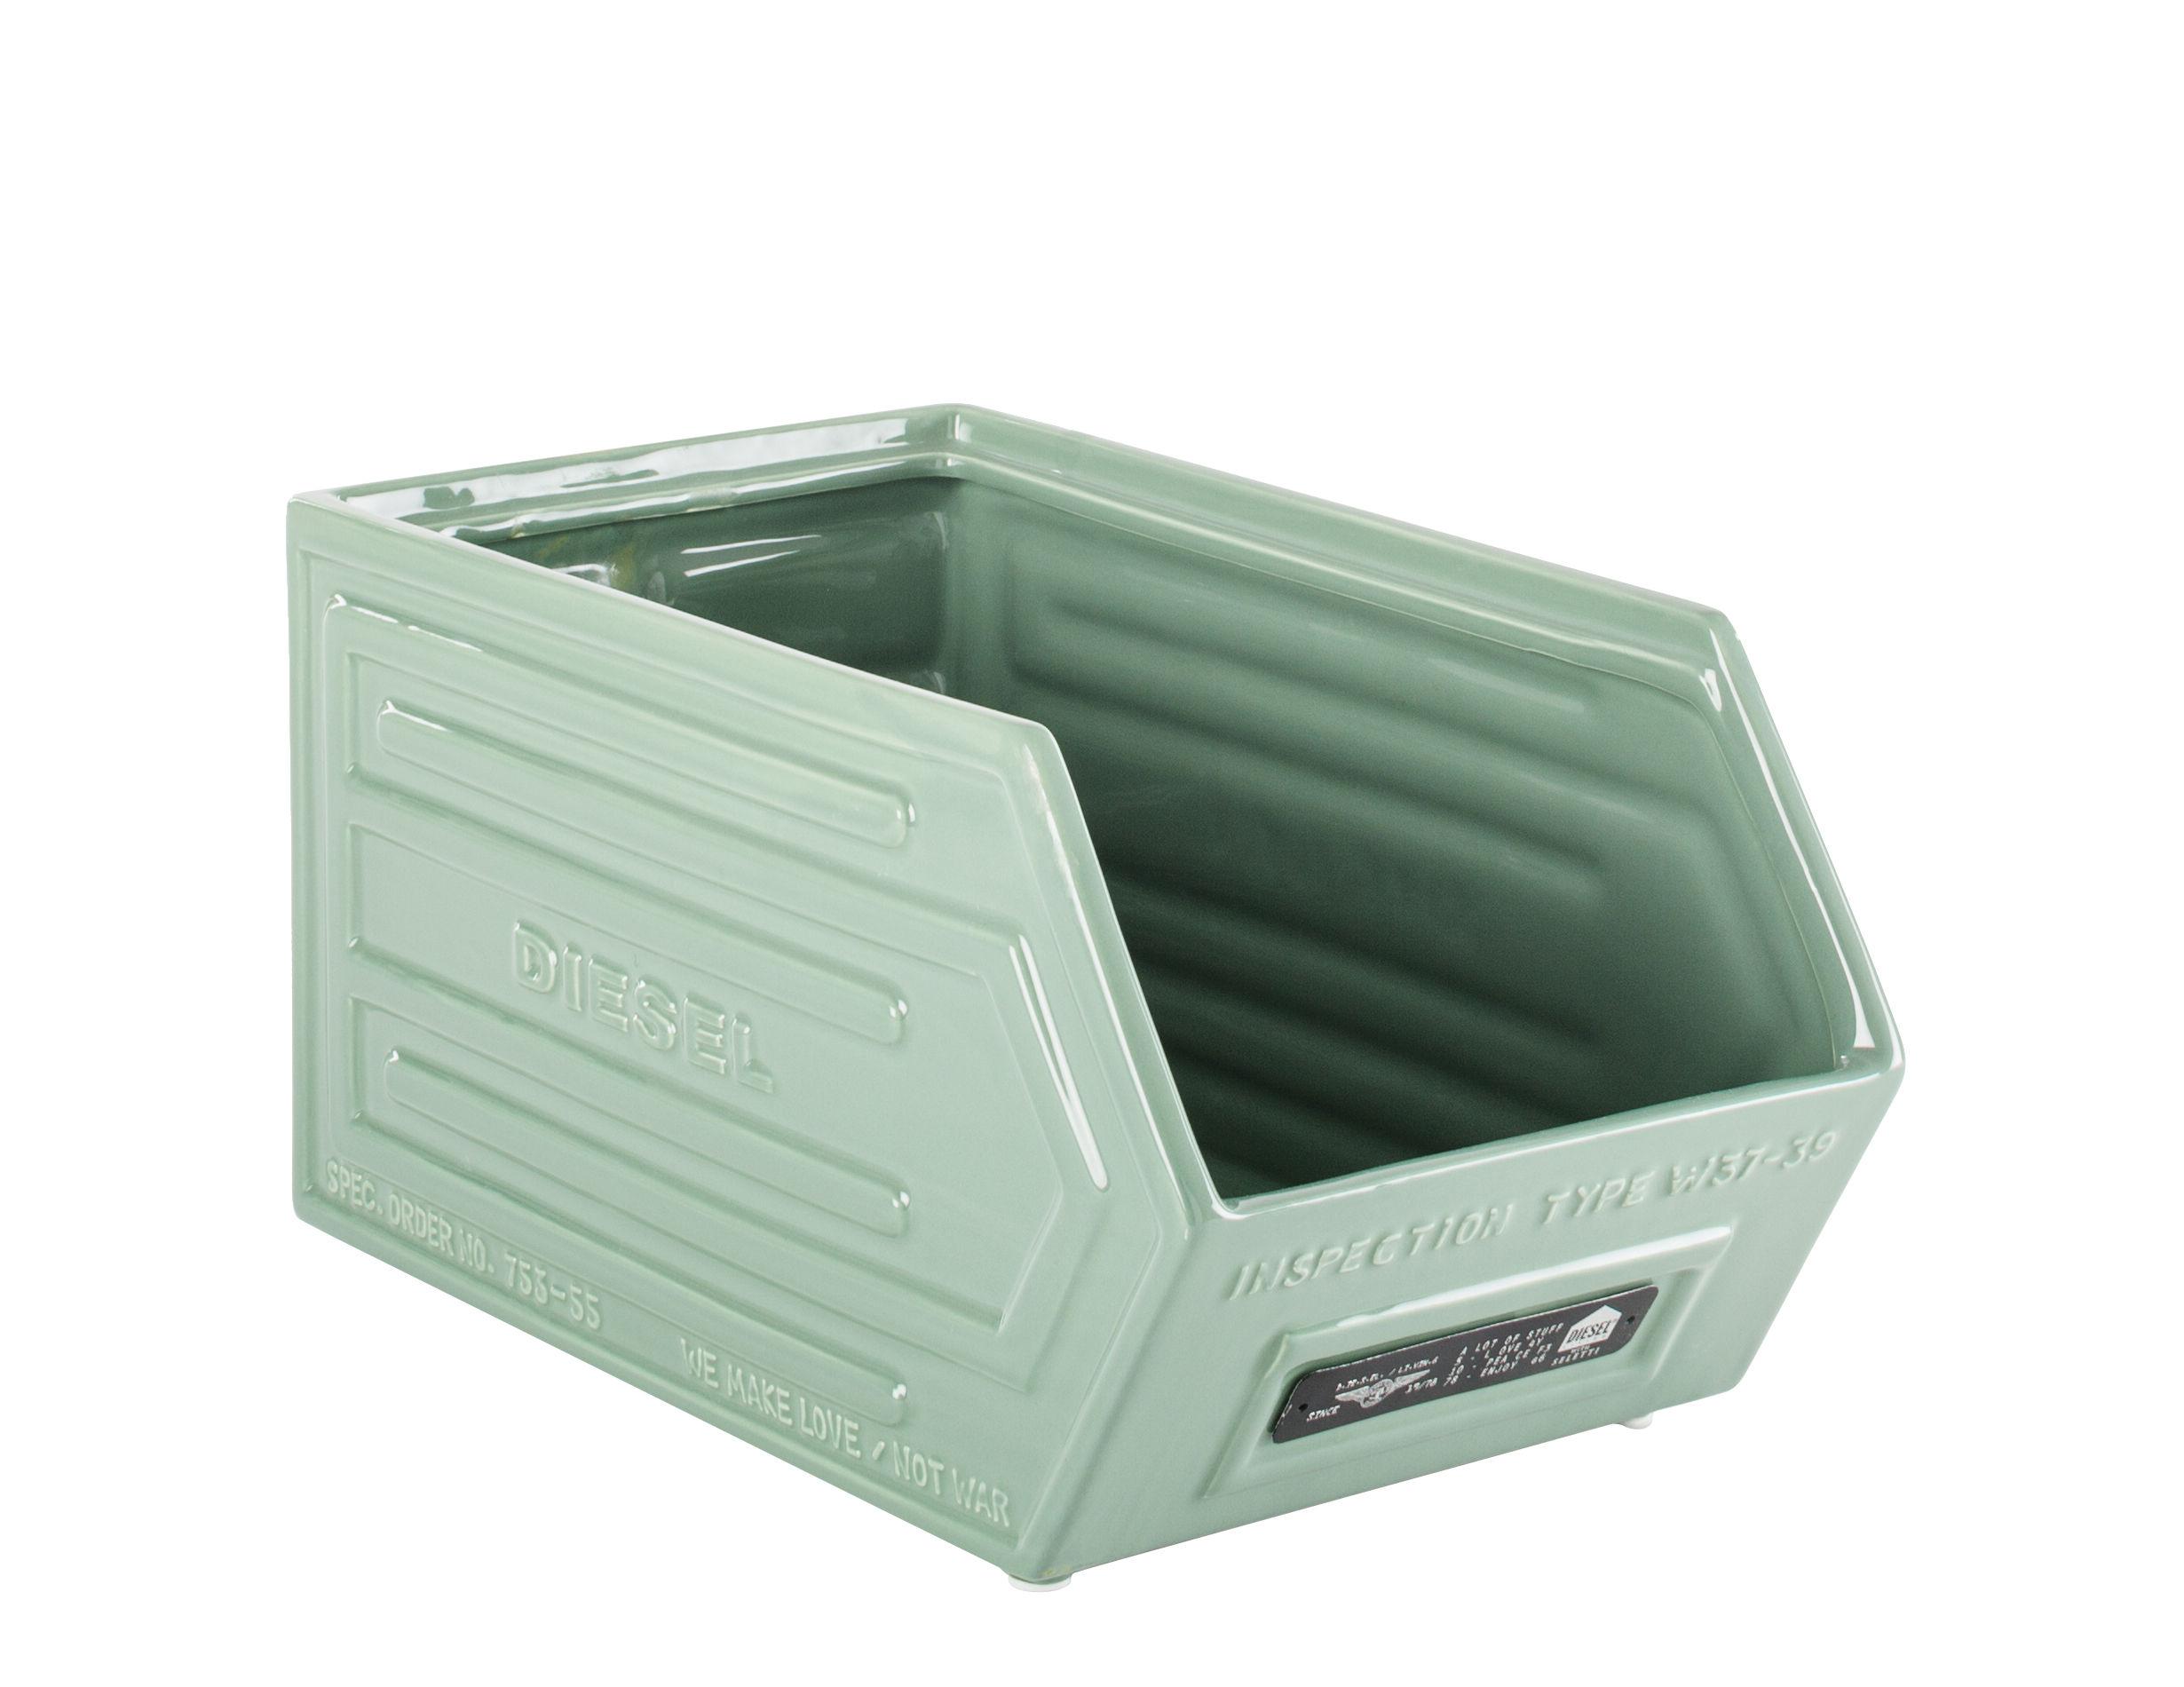 Accessori moda - Accessori ufficio - Cassetto Crate - / Ceramica - L 33 x H 17 cm di Diesel living with Seletti - Verde - Ceramica